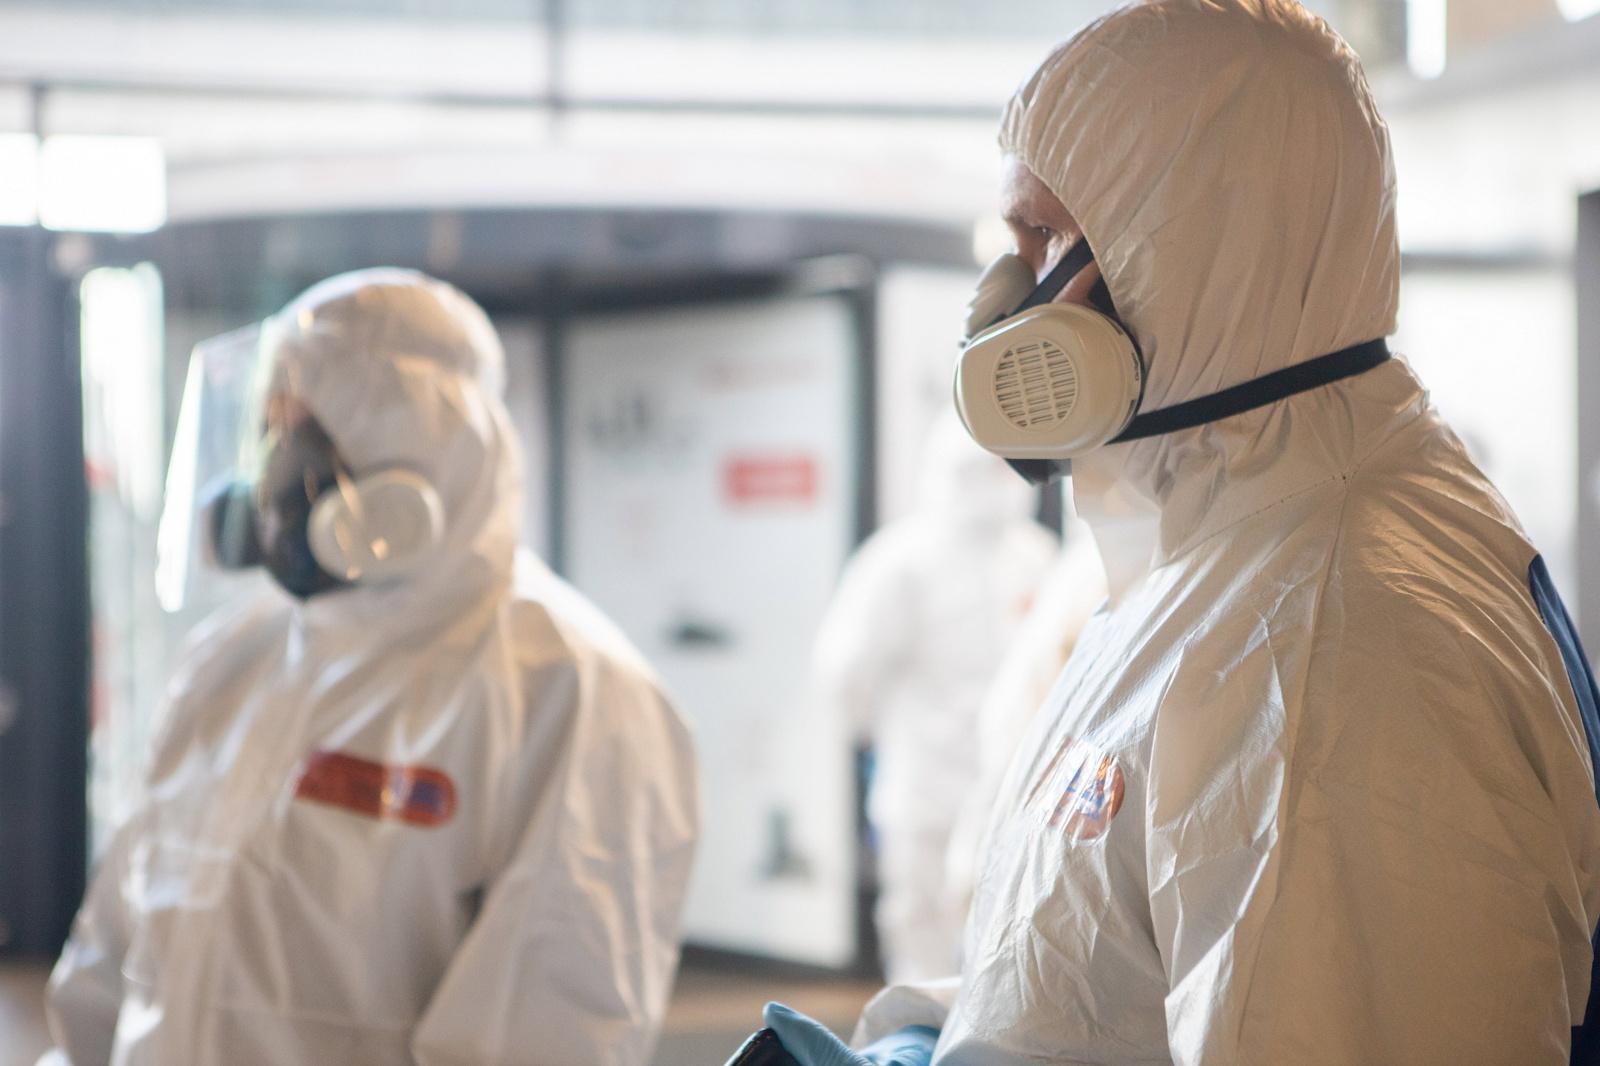 ES suteikė leidimą naudoti remdesivirą COVID-19 gydyti